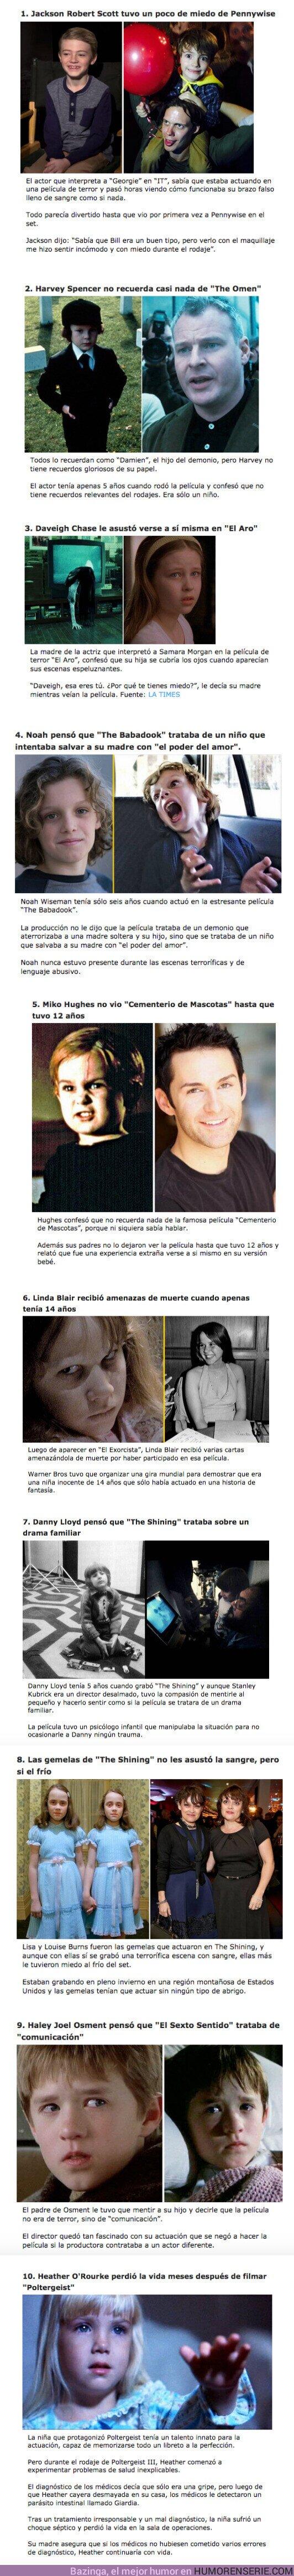 60513 - GALERÍA: 10 Consecuencias que tuvieron los niños actores tras participar en una película de terror